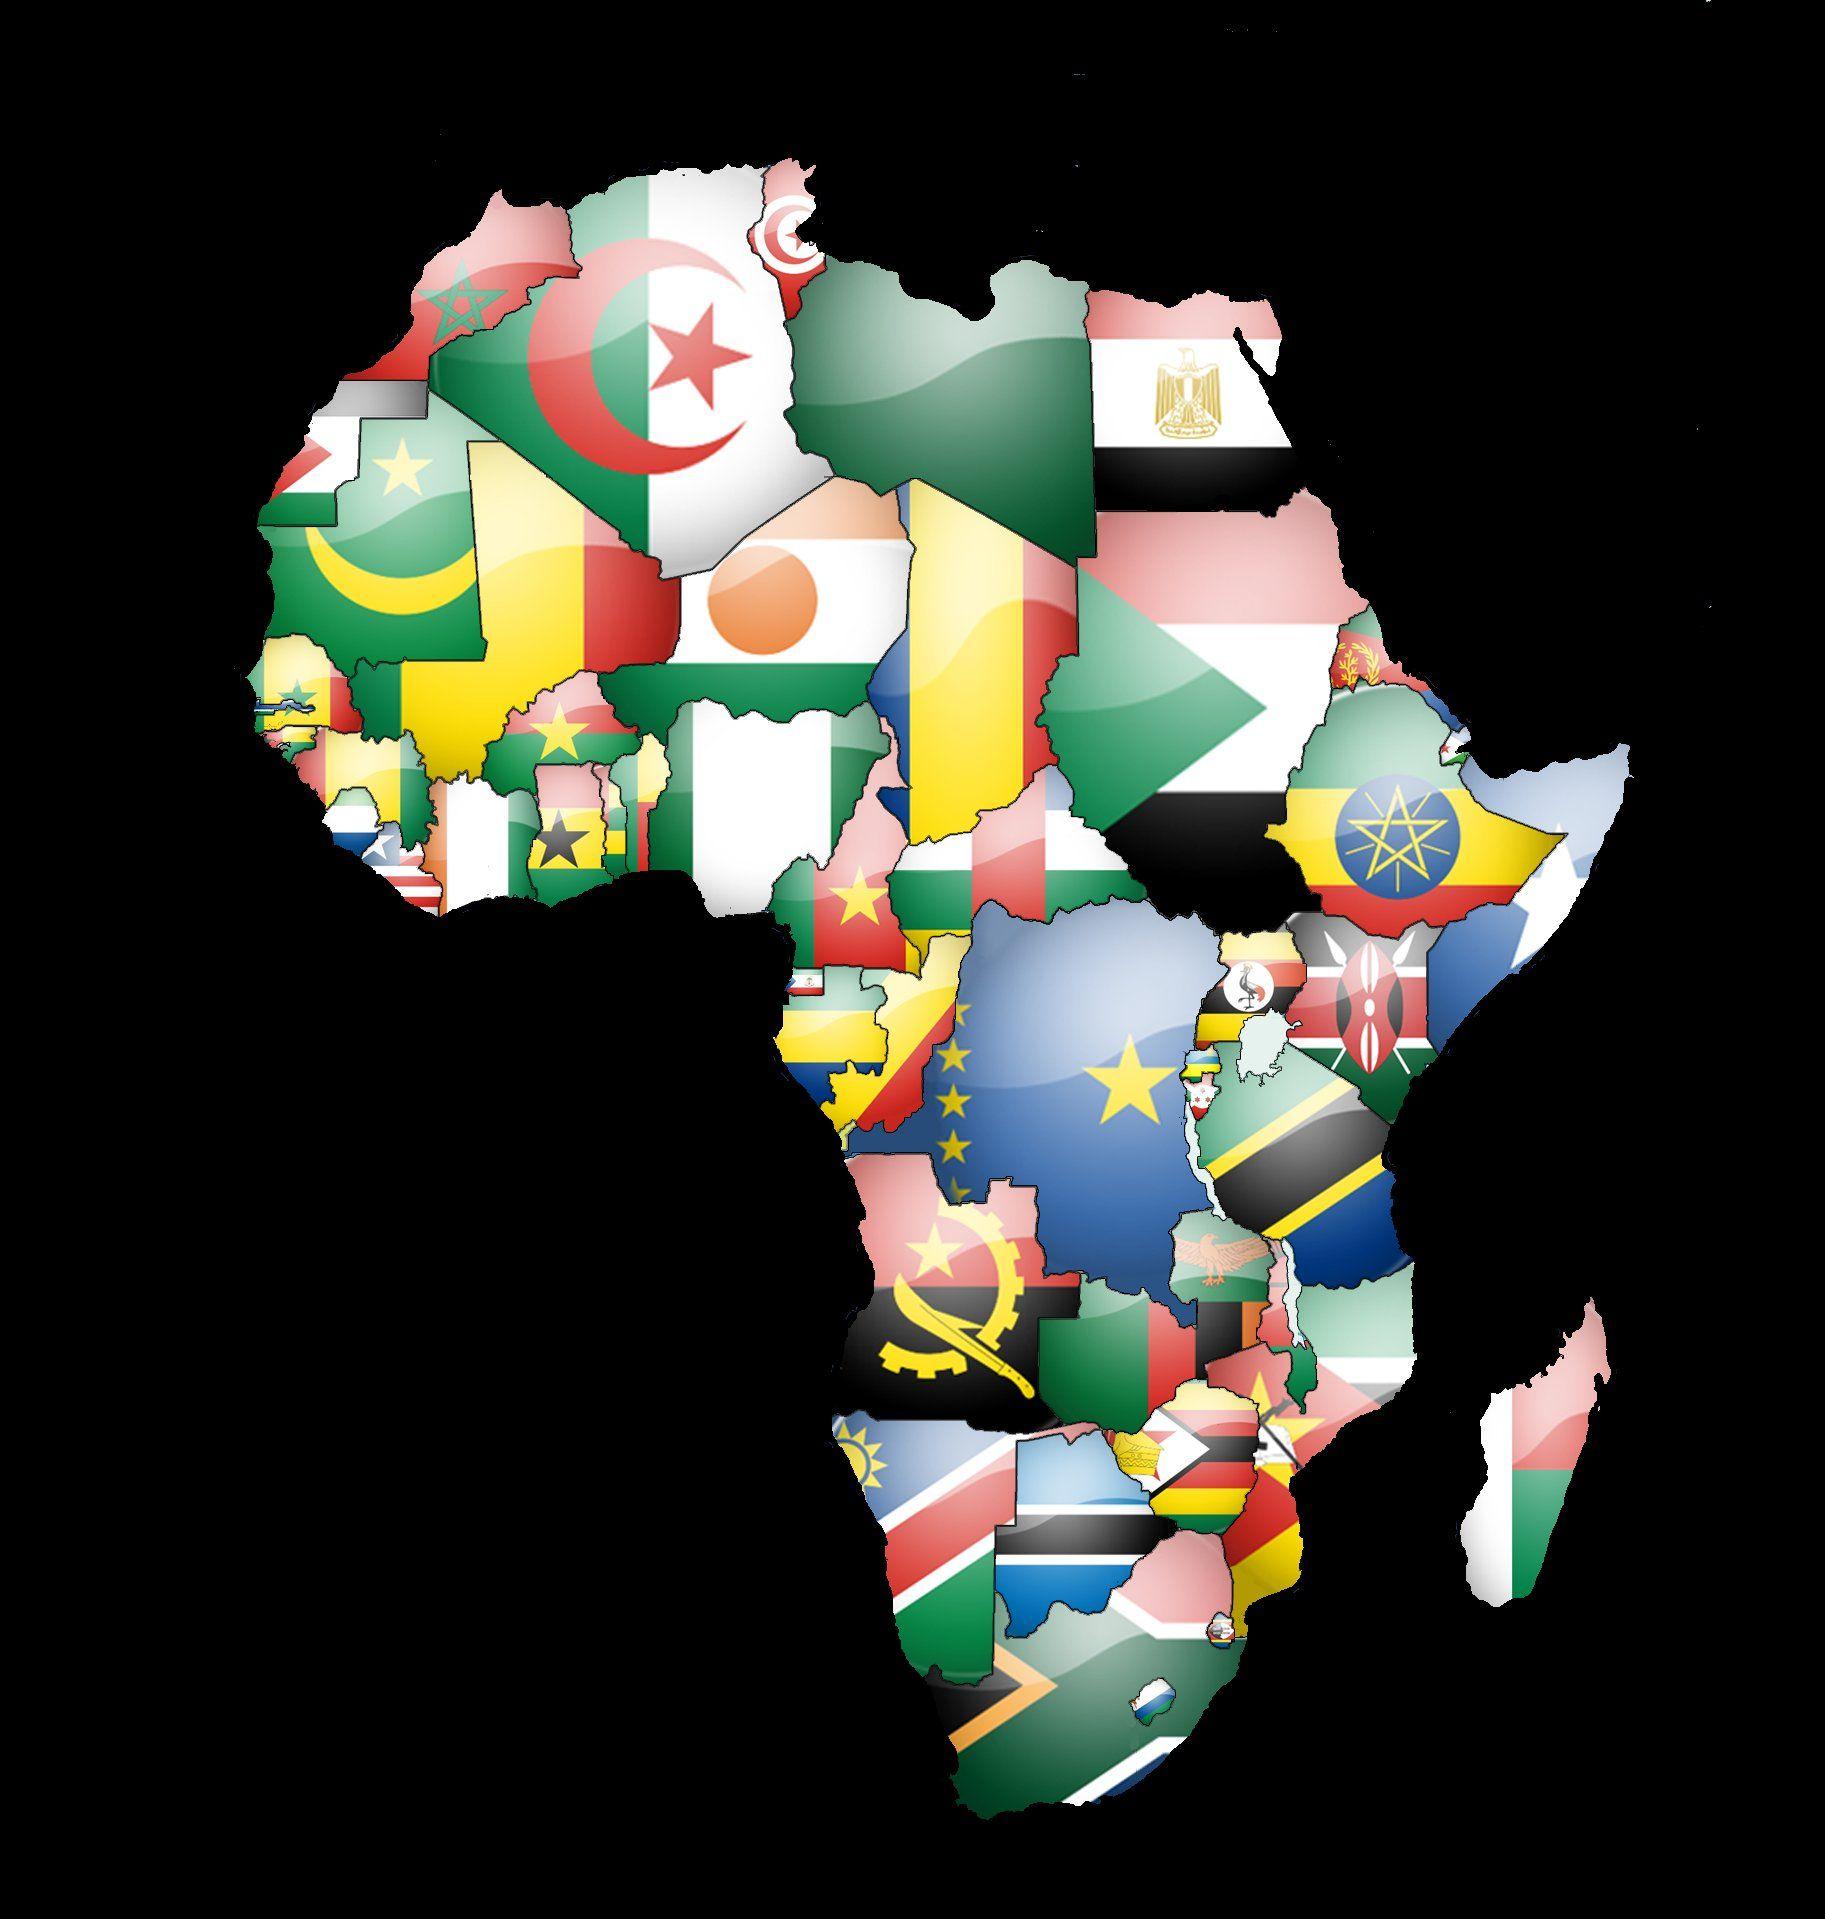 Africa Map Wallpaper 1825x1919